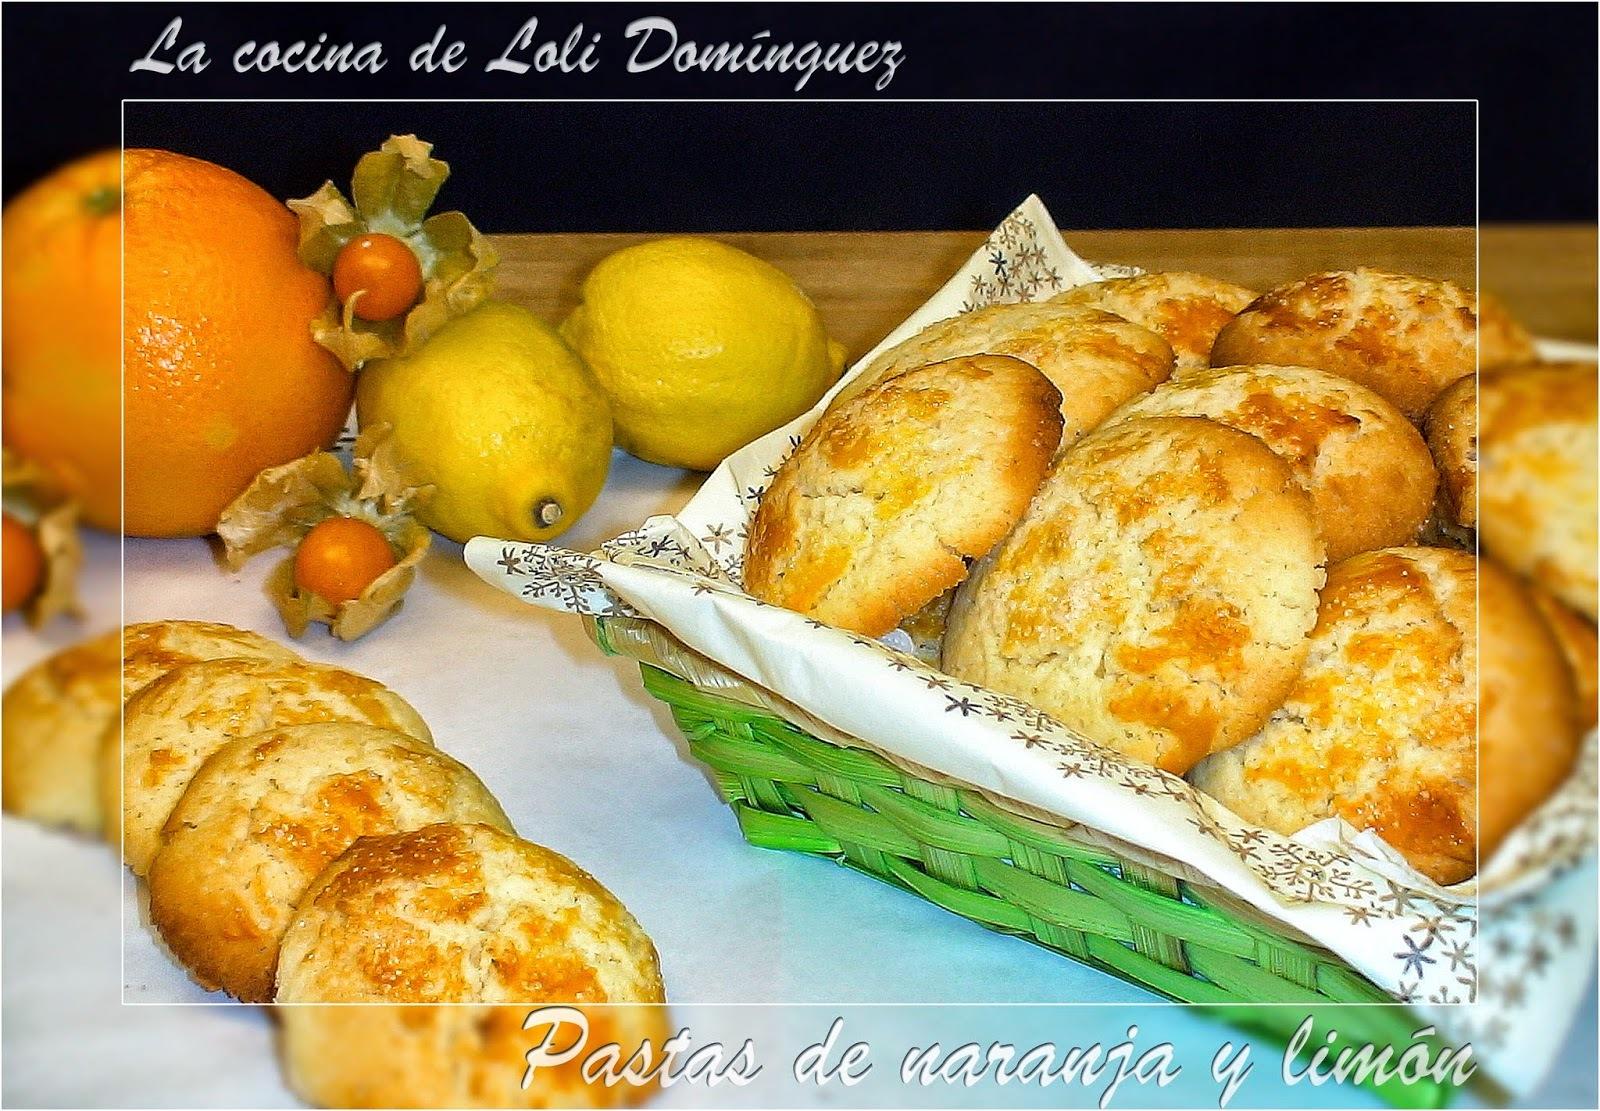 Pastas de naranja y limón